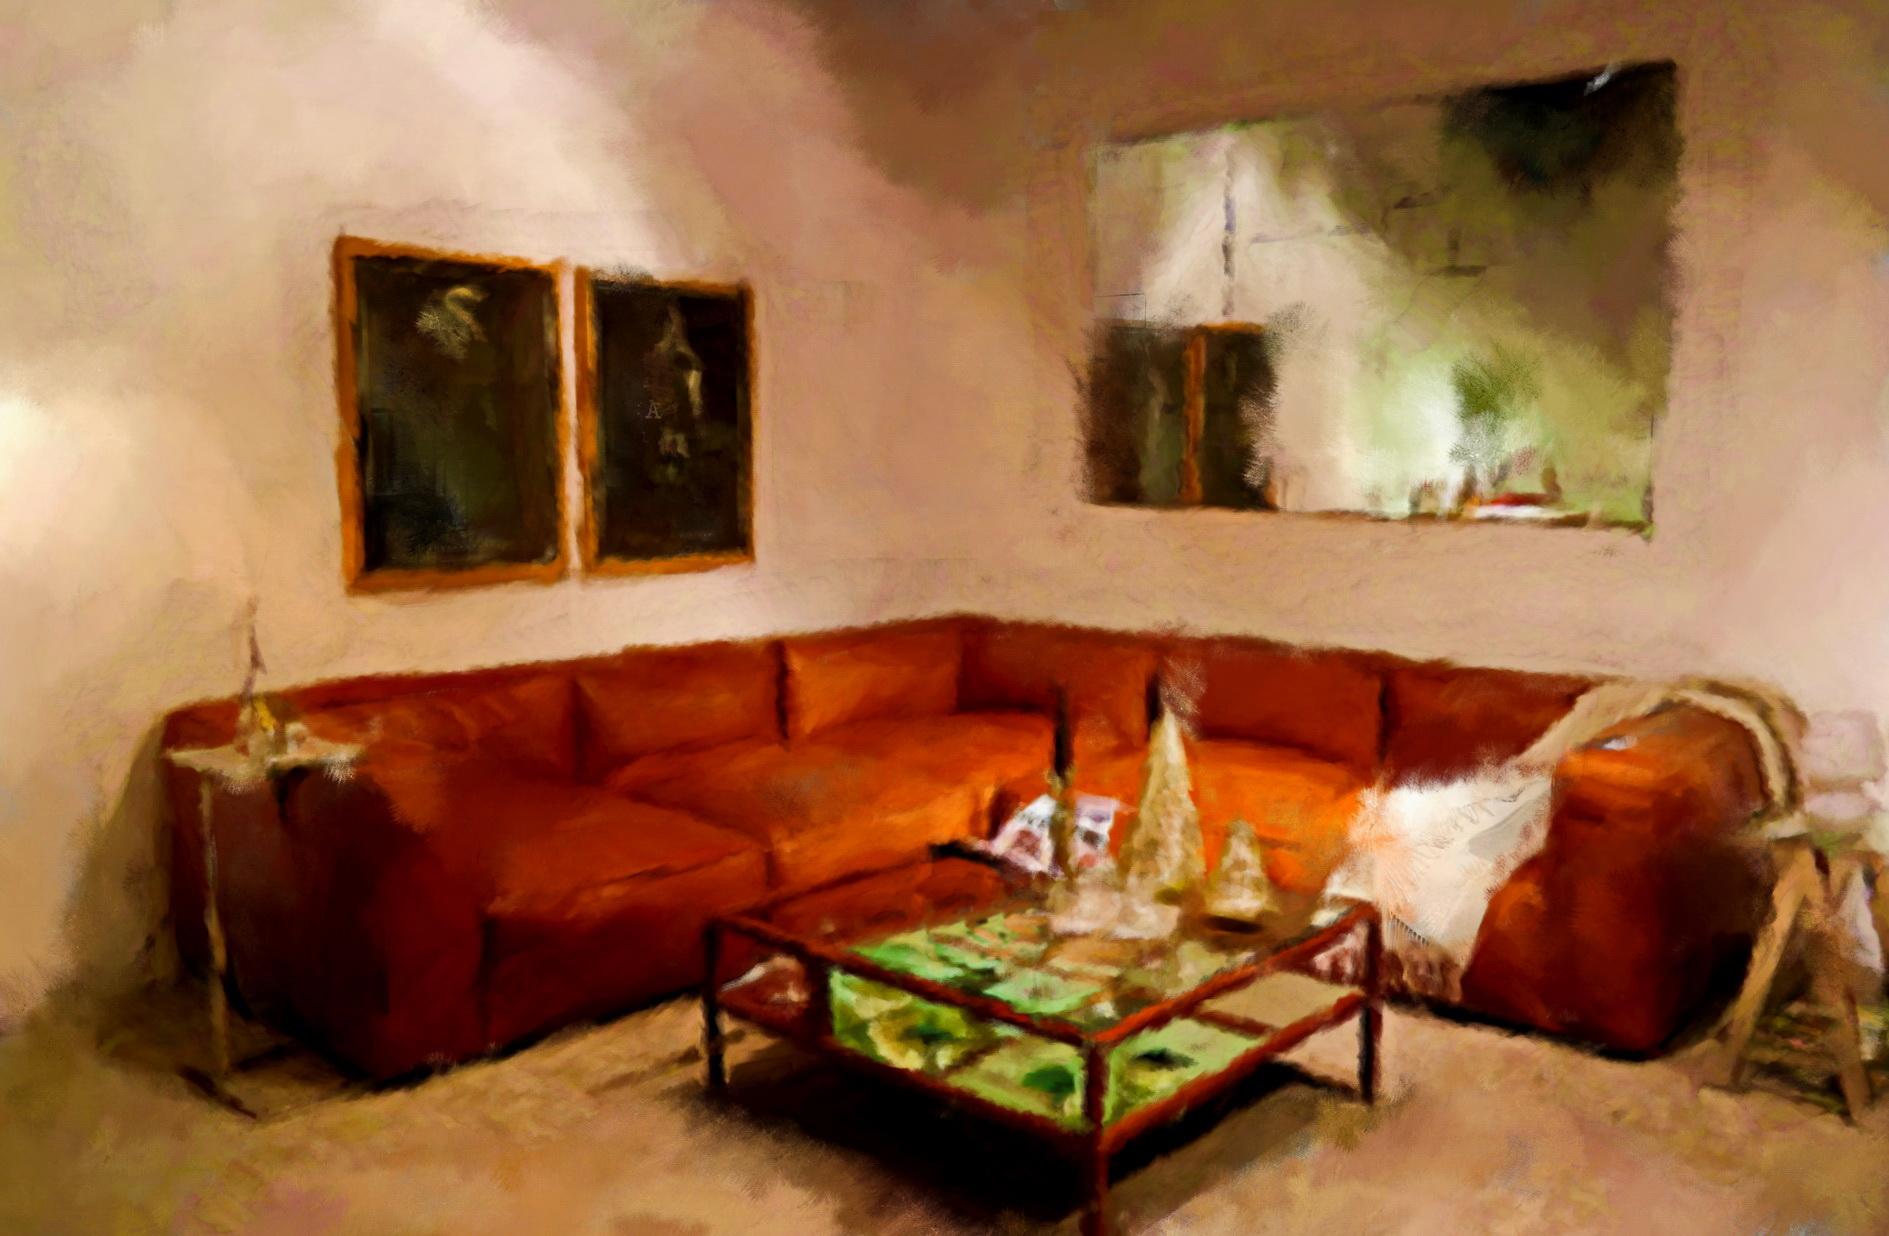 Flamant interiors lifestyle, artistieke inspiratie door kunstenaar Laure Van De Meele